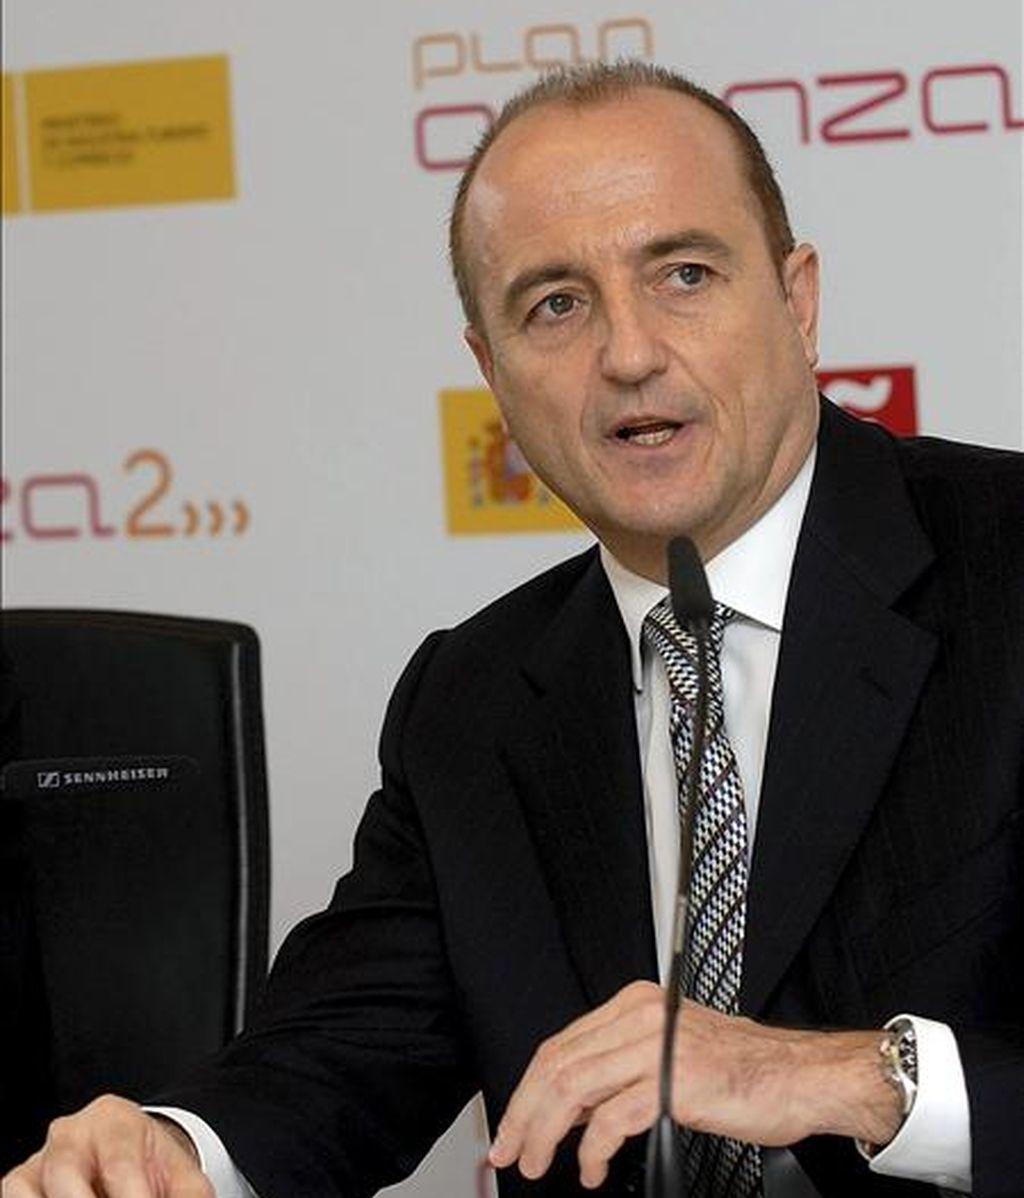 El ministro de Industria, Miguel Sebastián, durante su visita al Instituto Nacional de Tecnologías de la Comunicación (INTECO) de León. EFE